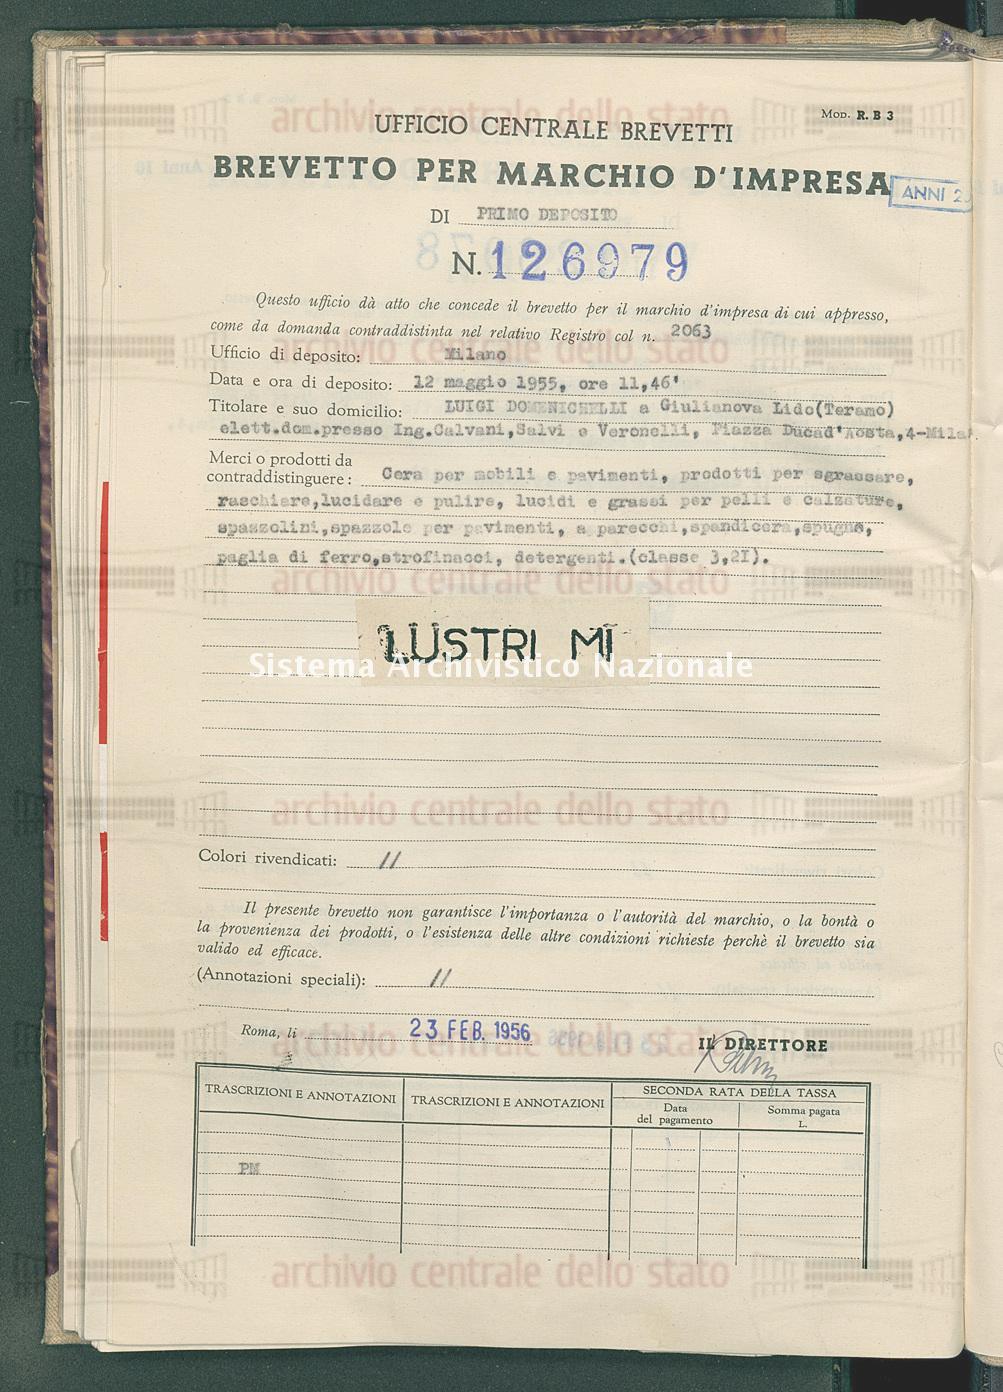 Cera per mobili e pavimenti ecc. Luigi Domenichelli (23/02/1956)